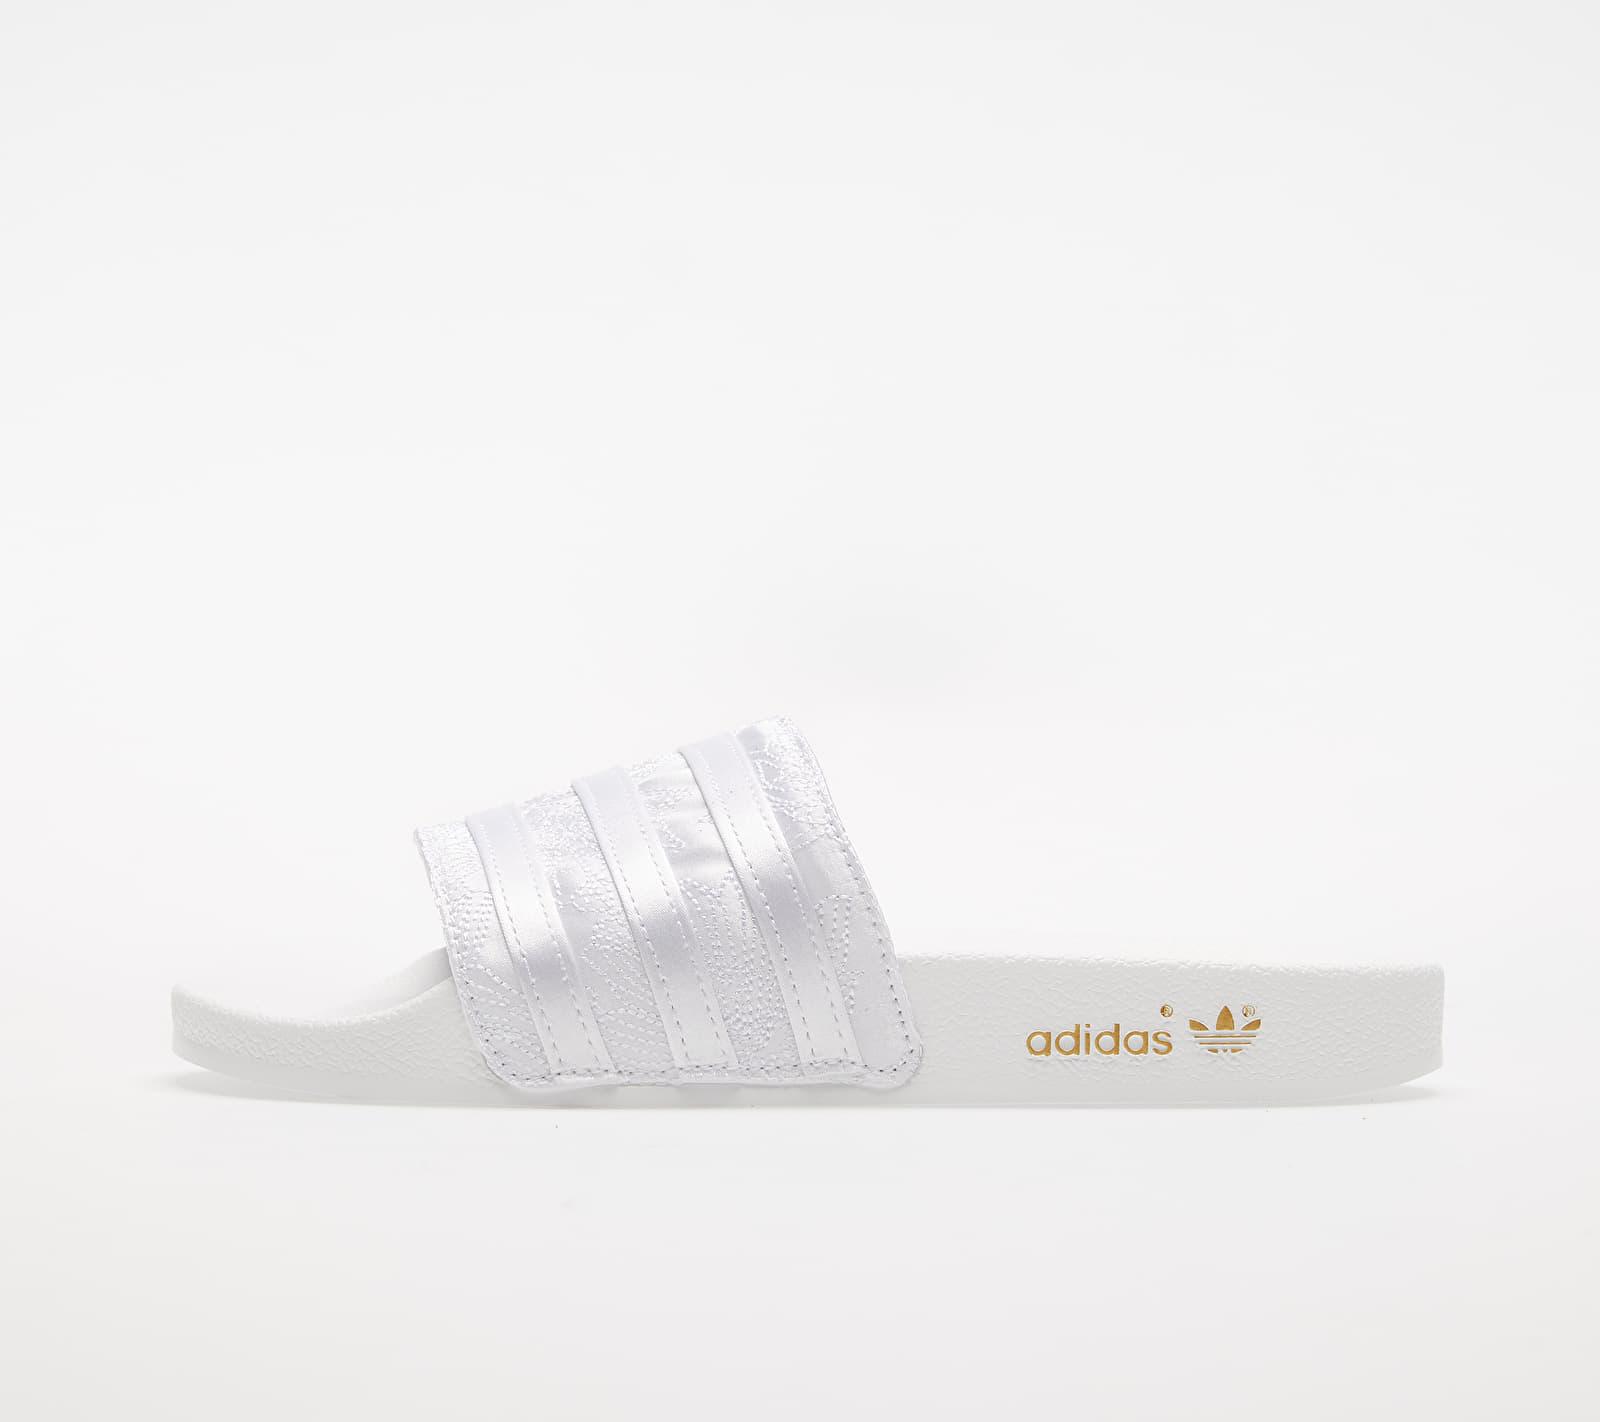 adidas Adilette W Ftw White/ Ftw White/ Gold Metalic 1